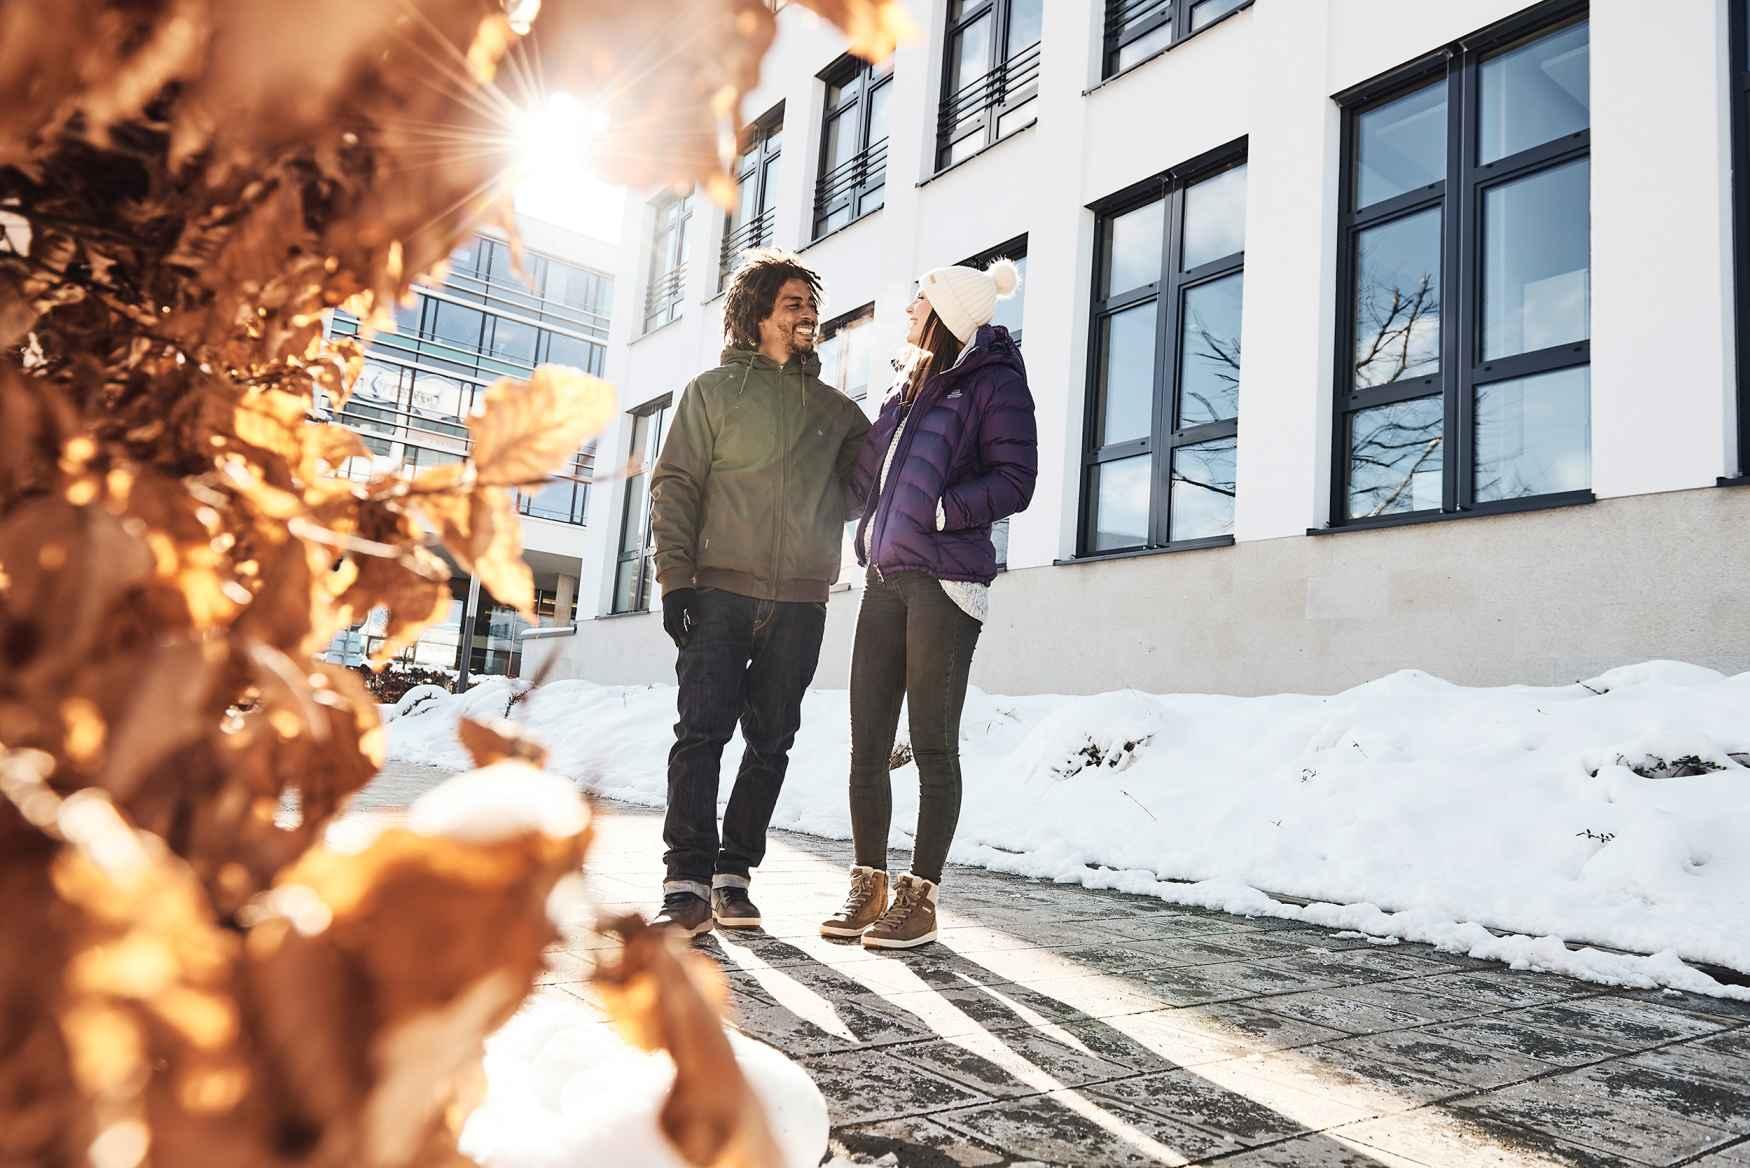 Wer anstatt mit schweren Winterboots lieber mit winterfesten Sneaker in der Stadt unterwegs sein will, profitiert von dem CASARA GTX Ws gleich doppelt. Denn die halbhohen Winterschuhe tragen sich komfortabel und der lässige Casual-Look passt optimal zum Lifestyle in der Stadt. Damit es die Füße immer wohlig warm haben, sind die Schuhe mit einem GORE-TEX-Panda-Futter ausgestattet.